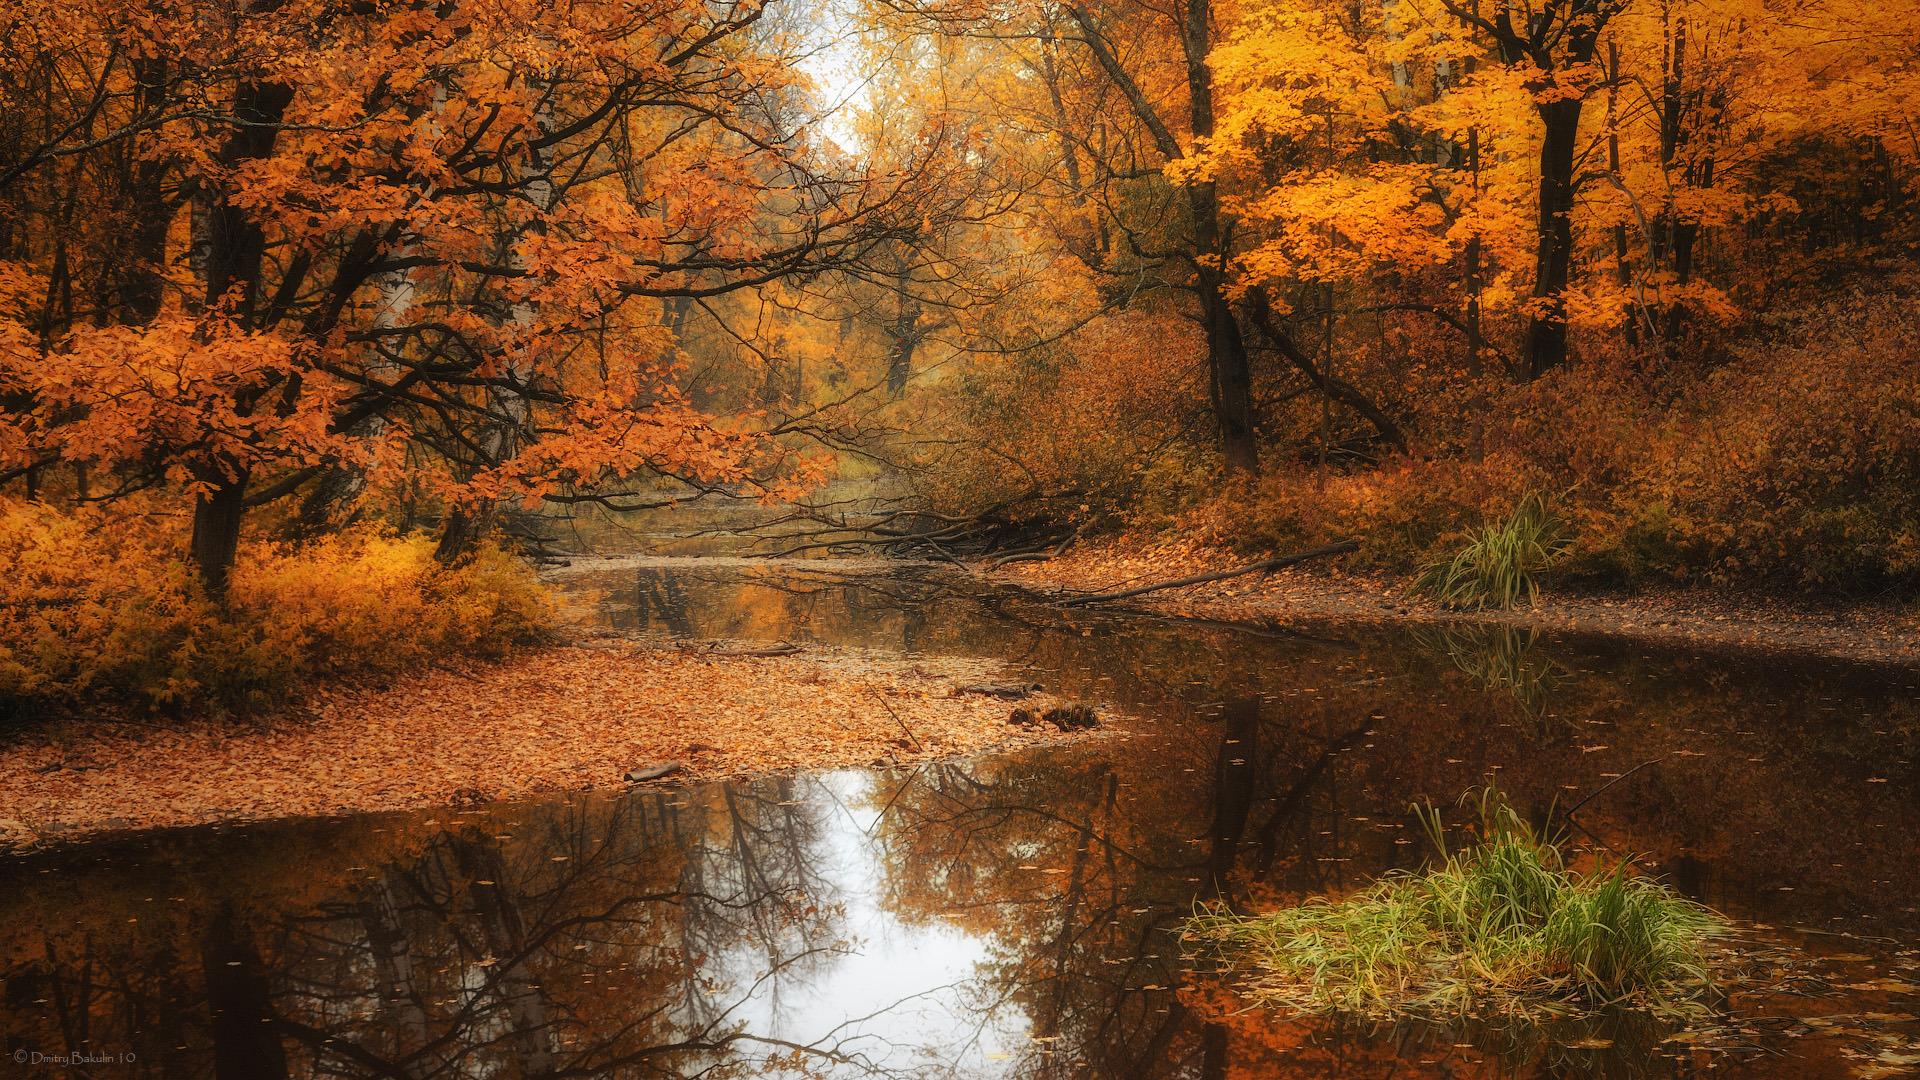 река осень деревья  № 3186404 загрузить